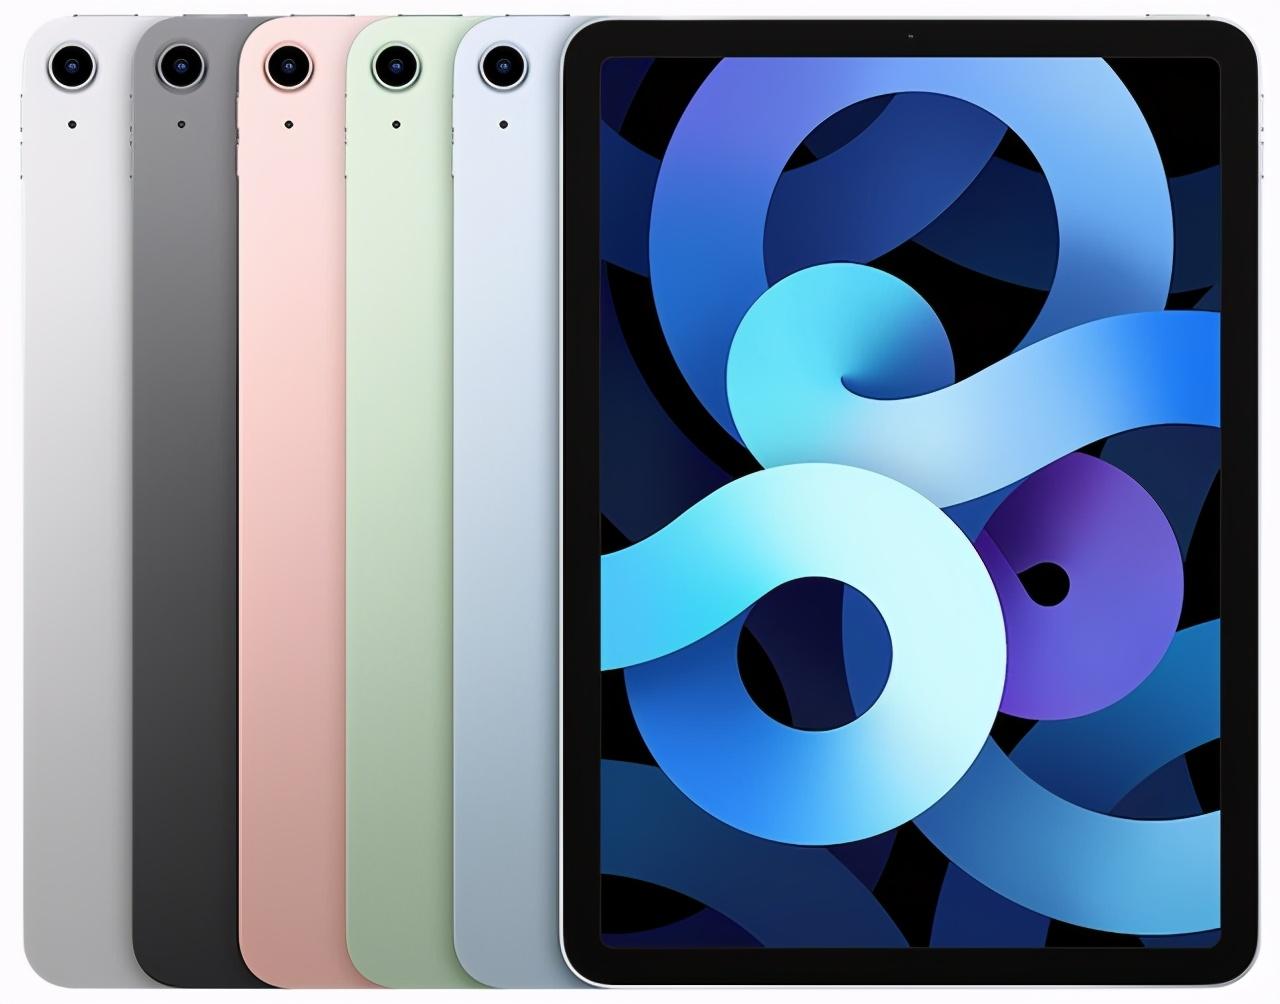 苹果新机即将到达苹果零售店,坐等iPhone 12发布